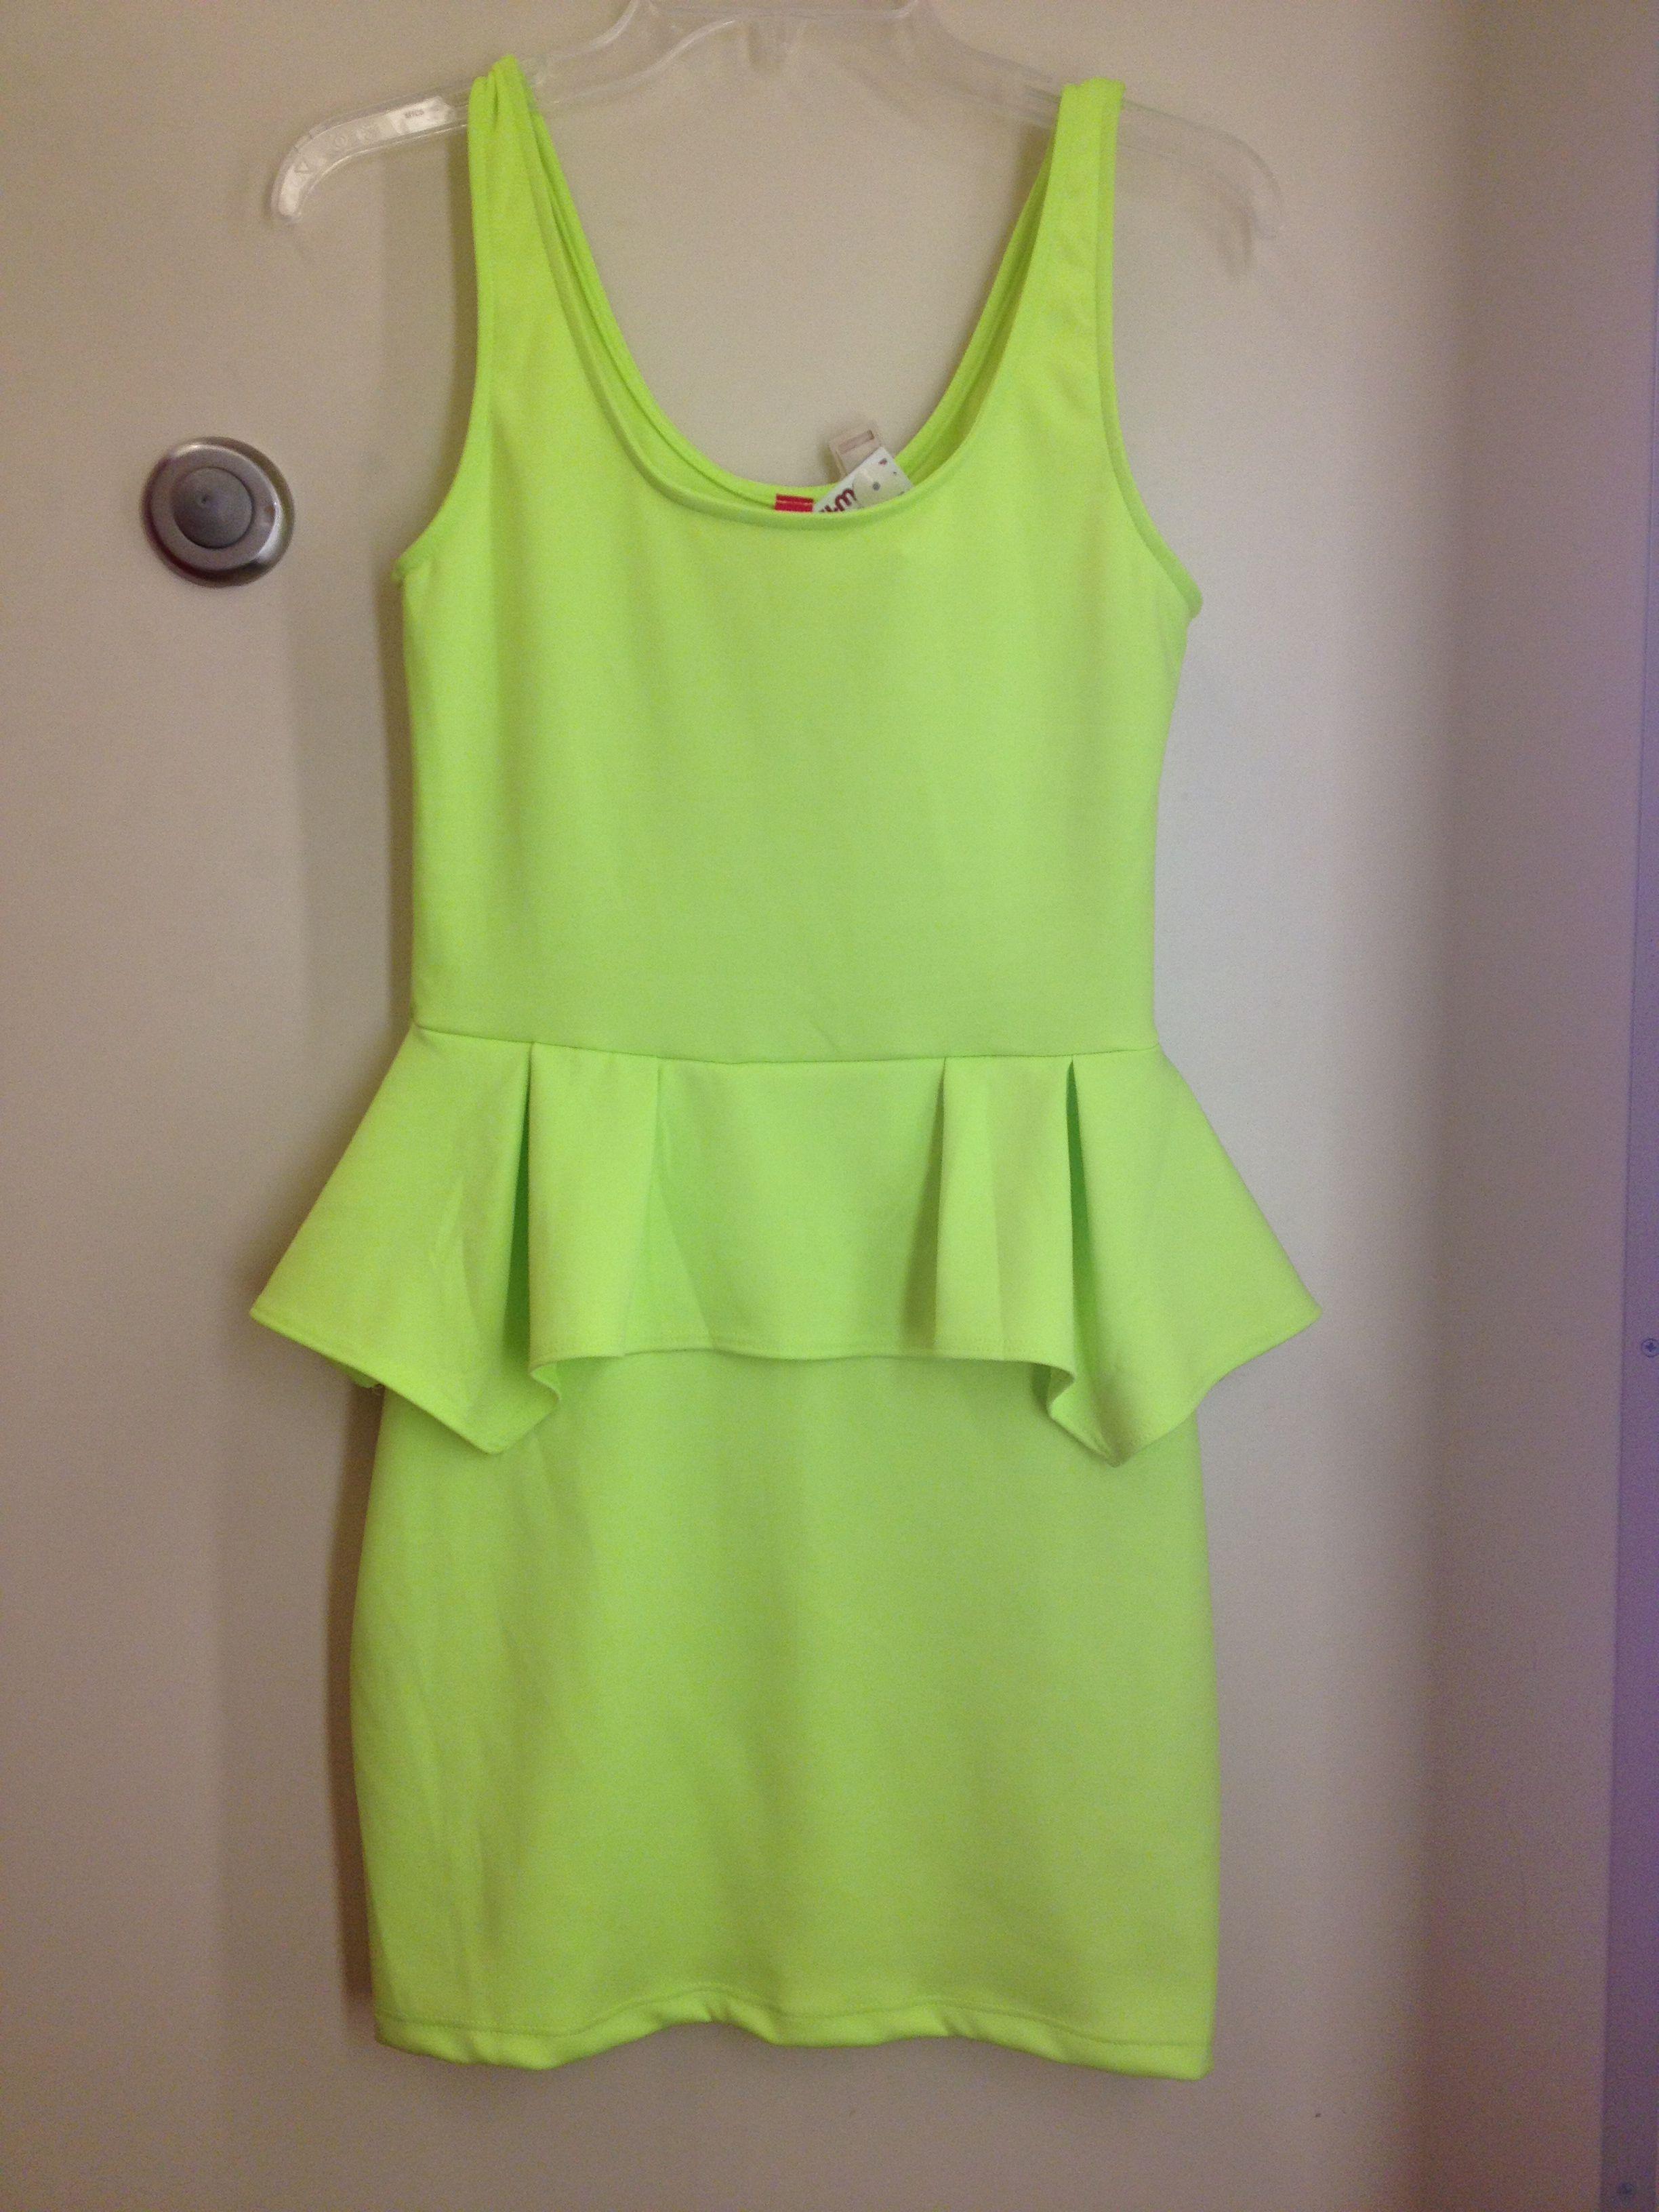 Neon dress @Mariana Deza